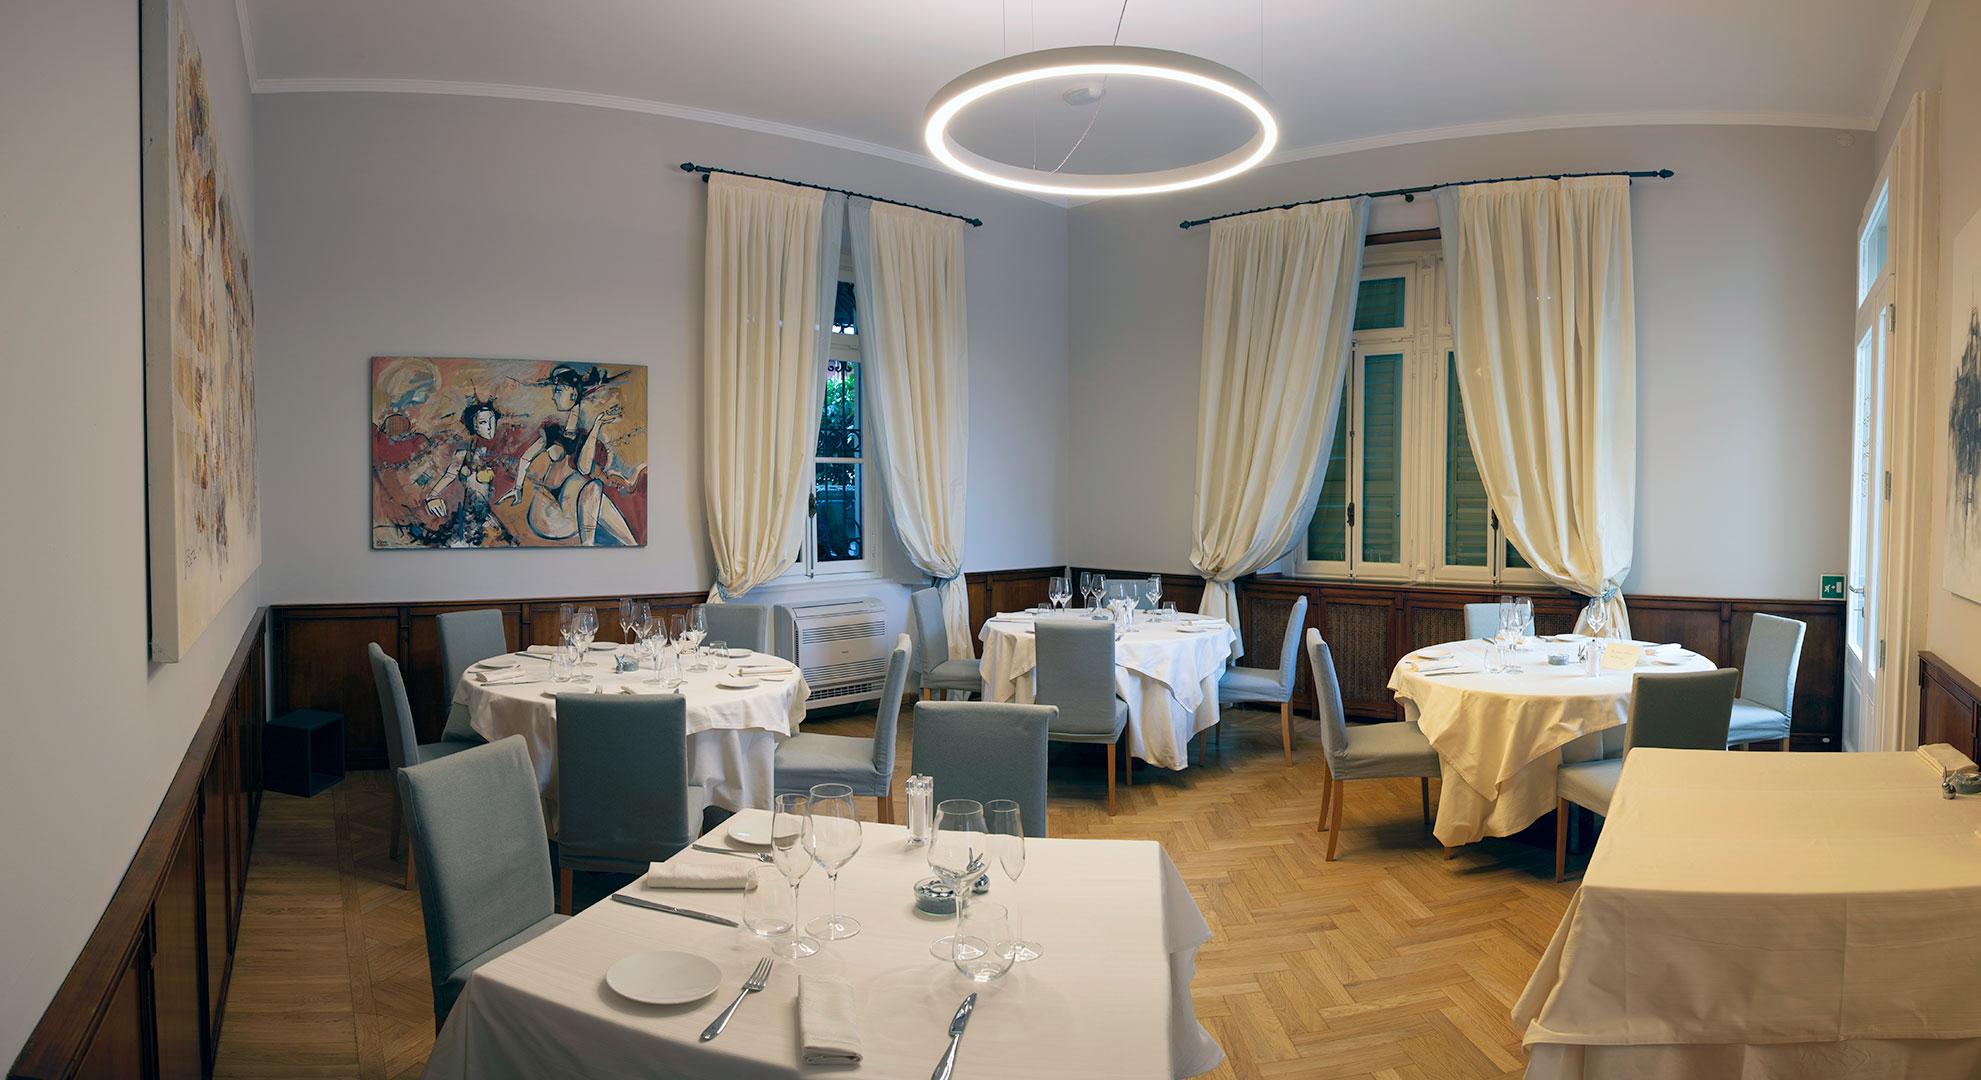 Ristorante Croce d'Oro Gerenzano cucina tipica italiana